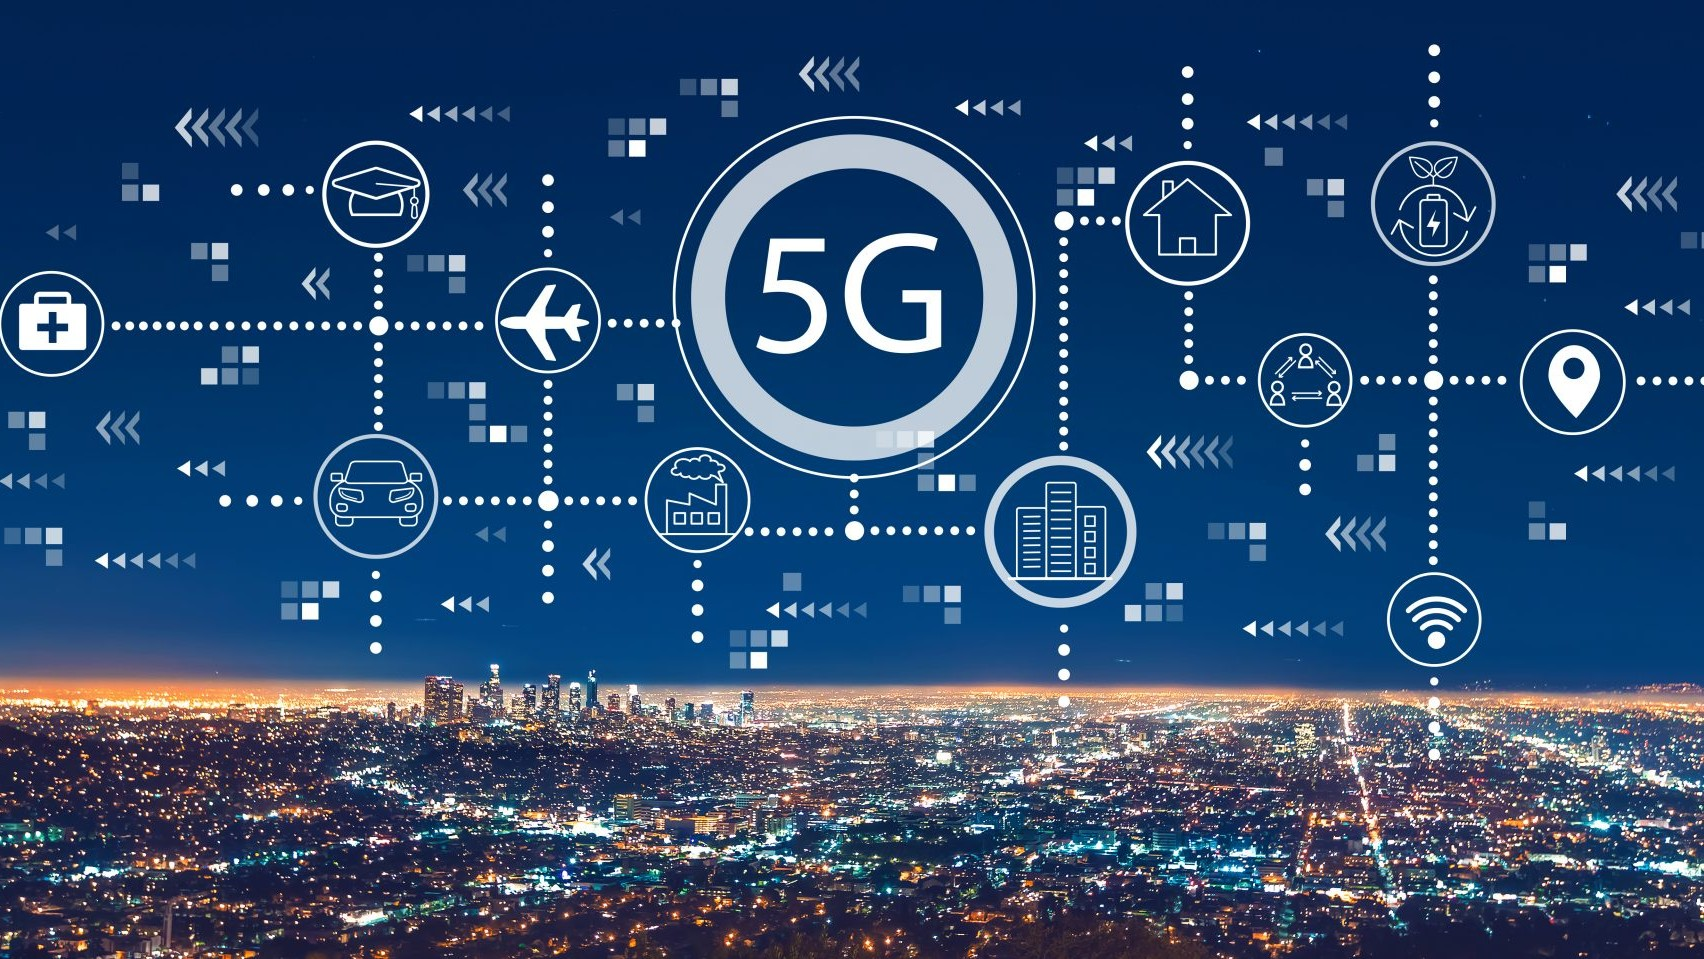 عدم دسترسی گوشی های سامسونگ و اپل به شبکه 5G ایران